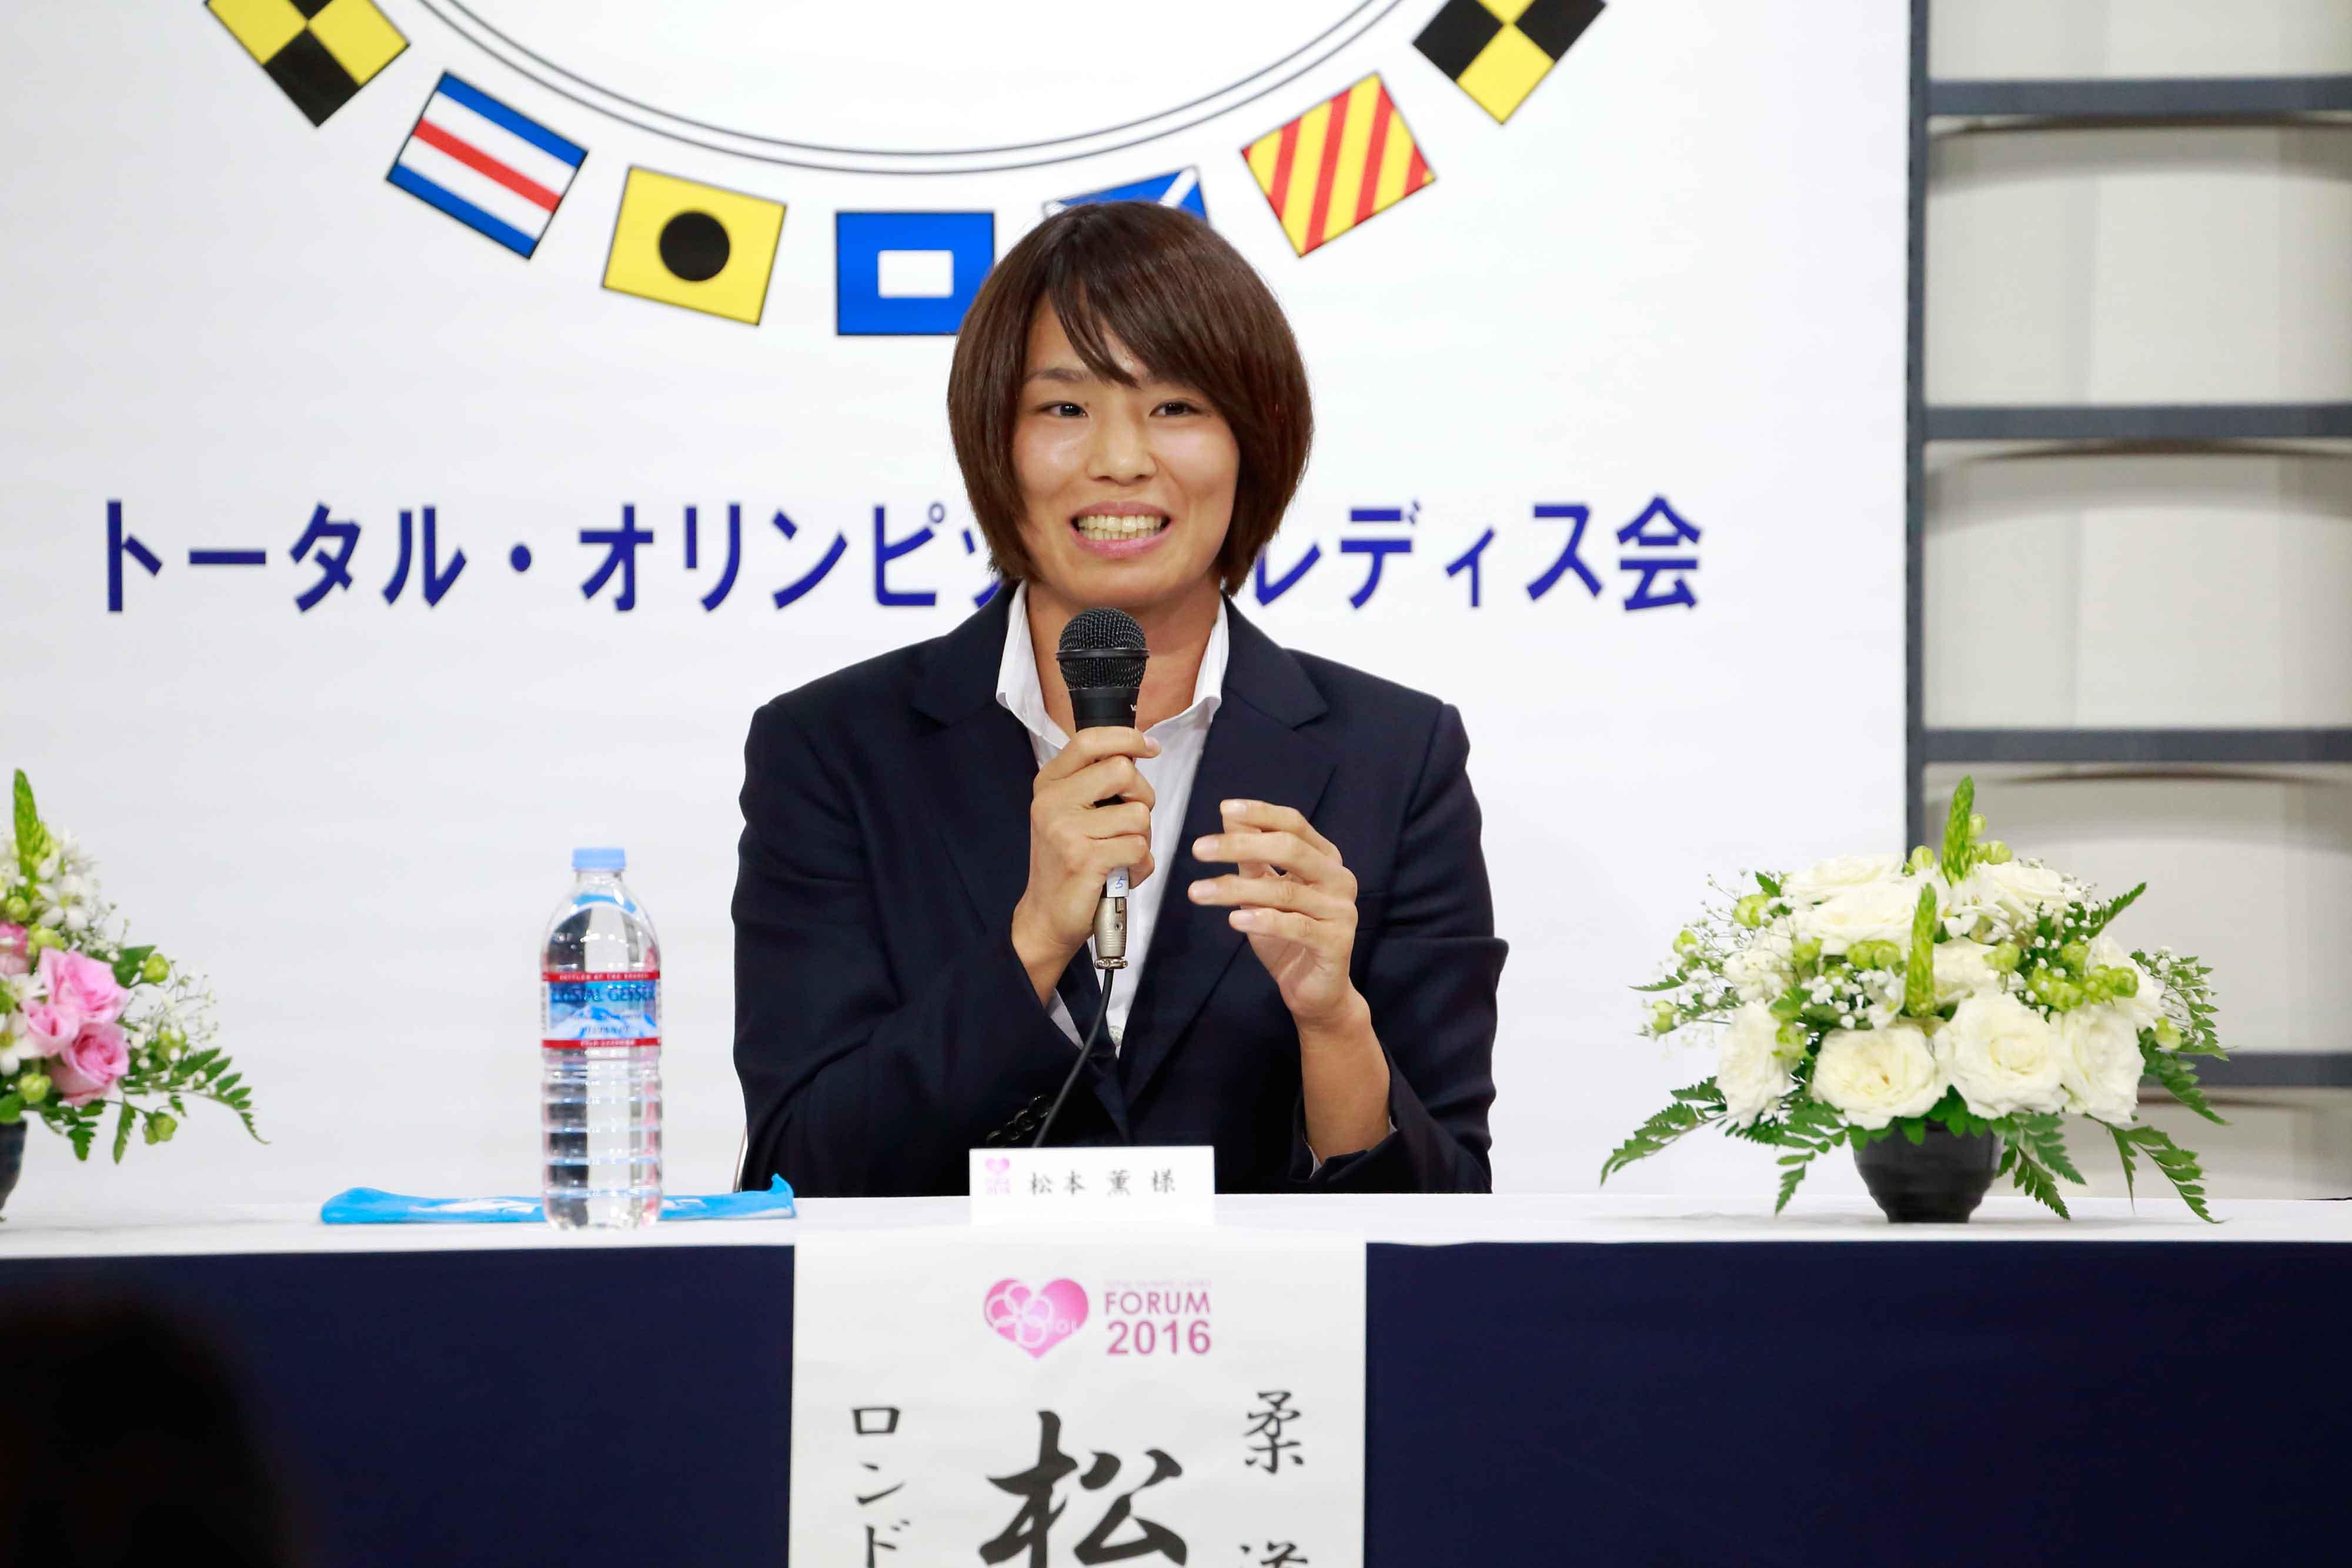 松本薫 TOLフォーラム2016